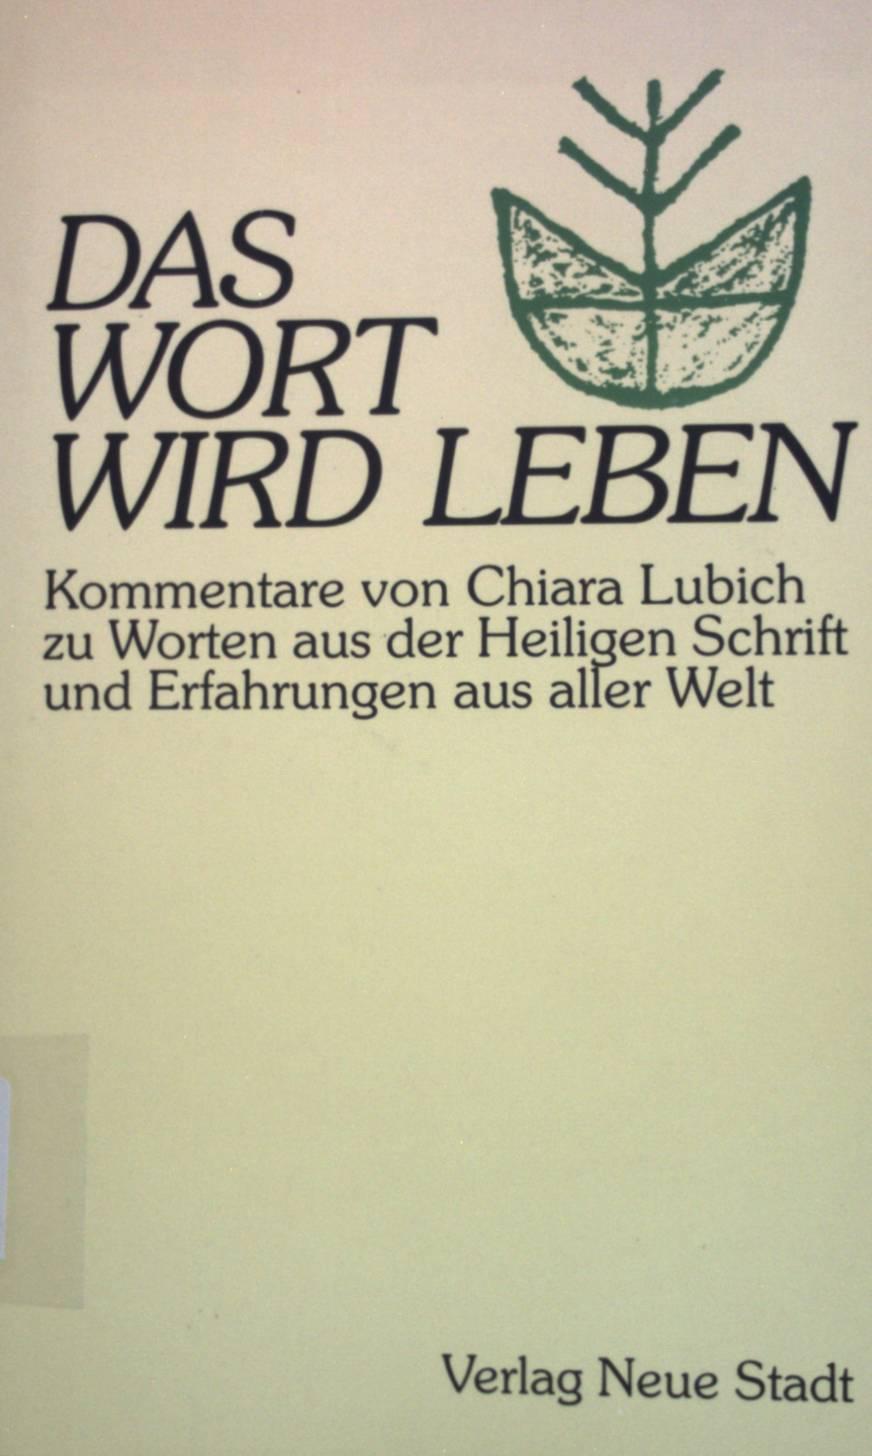 Das Wort wird Leben : Kommentare zu Worten aus der Heiligen Schrift und Erfahrungen aus aller Welt. Aus dem Leben 1. Aufl. - Lubich, Chiara